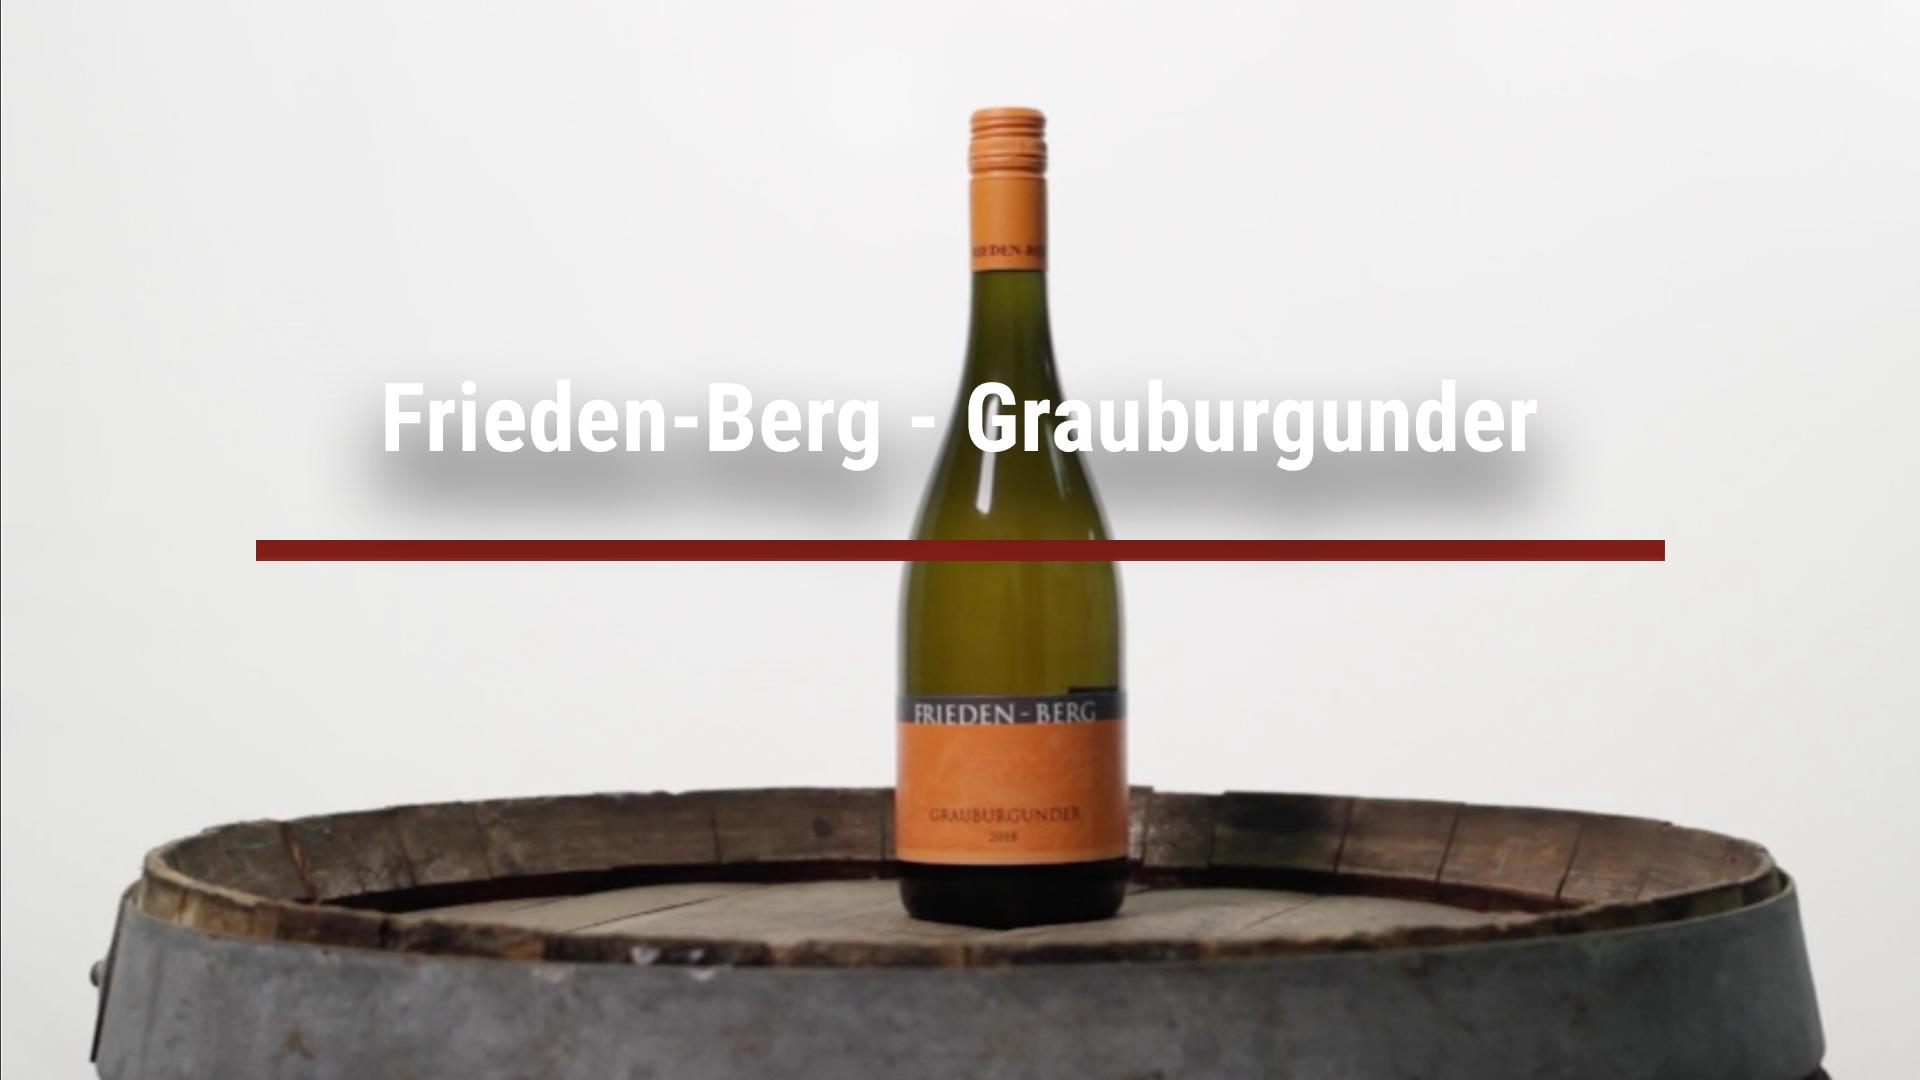 Frieden-Berg – Grauburgunder